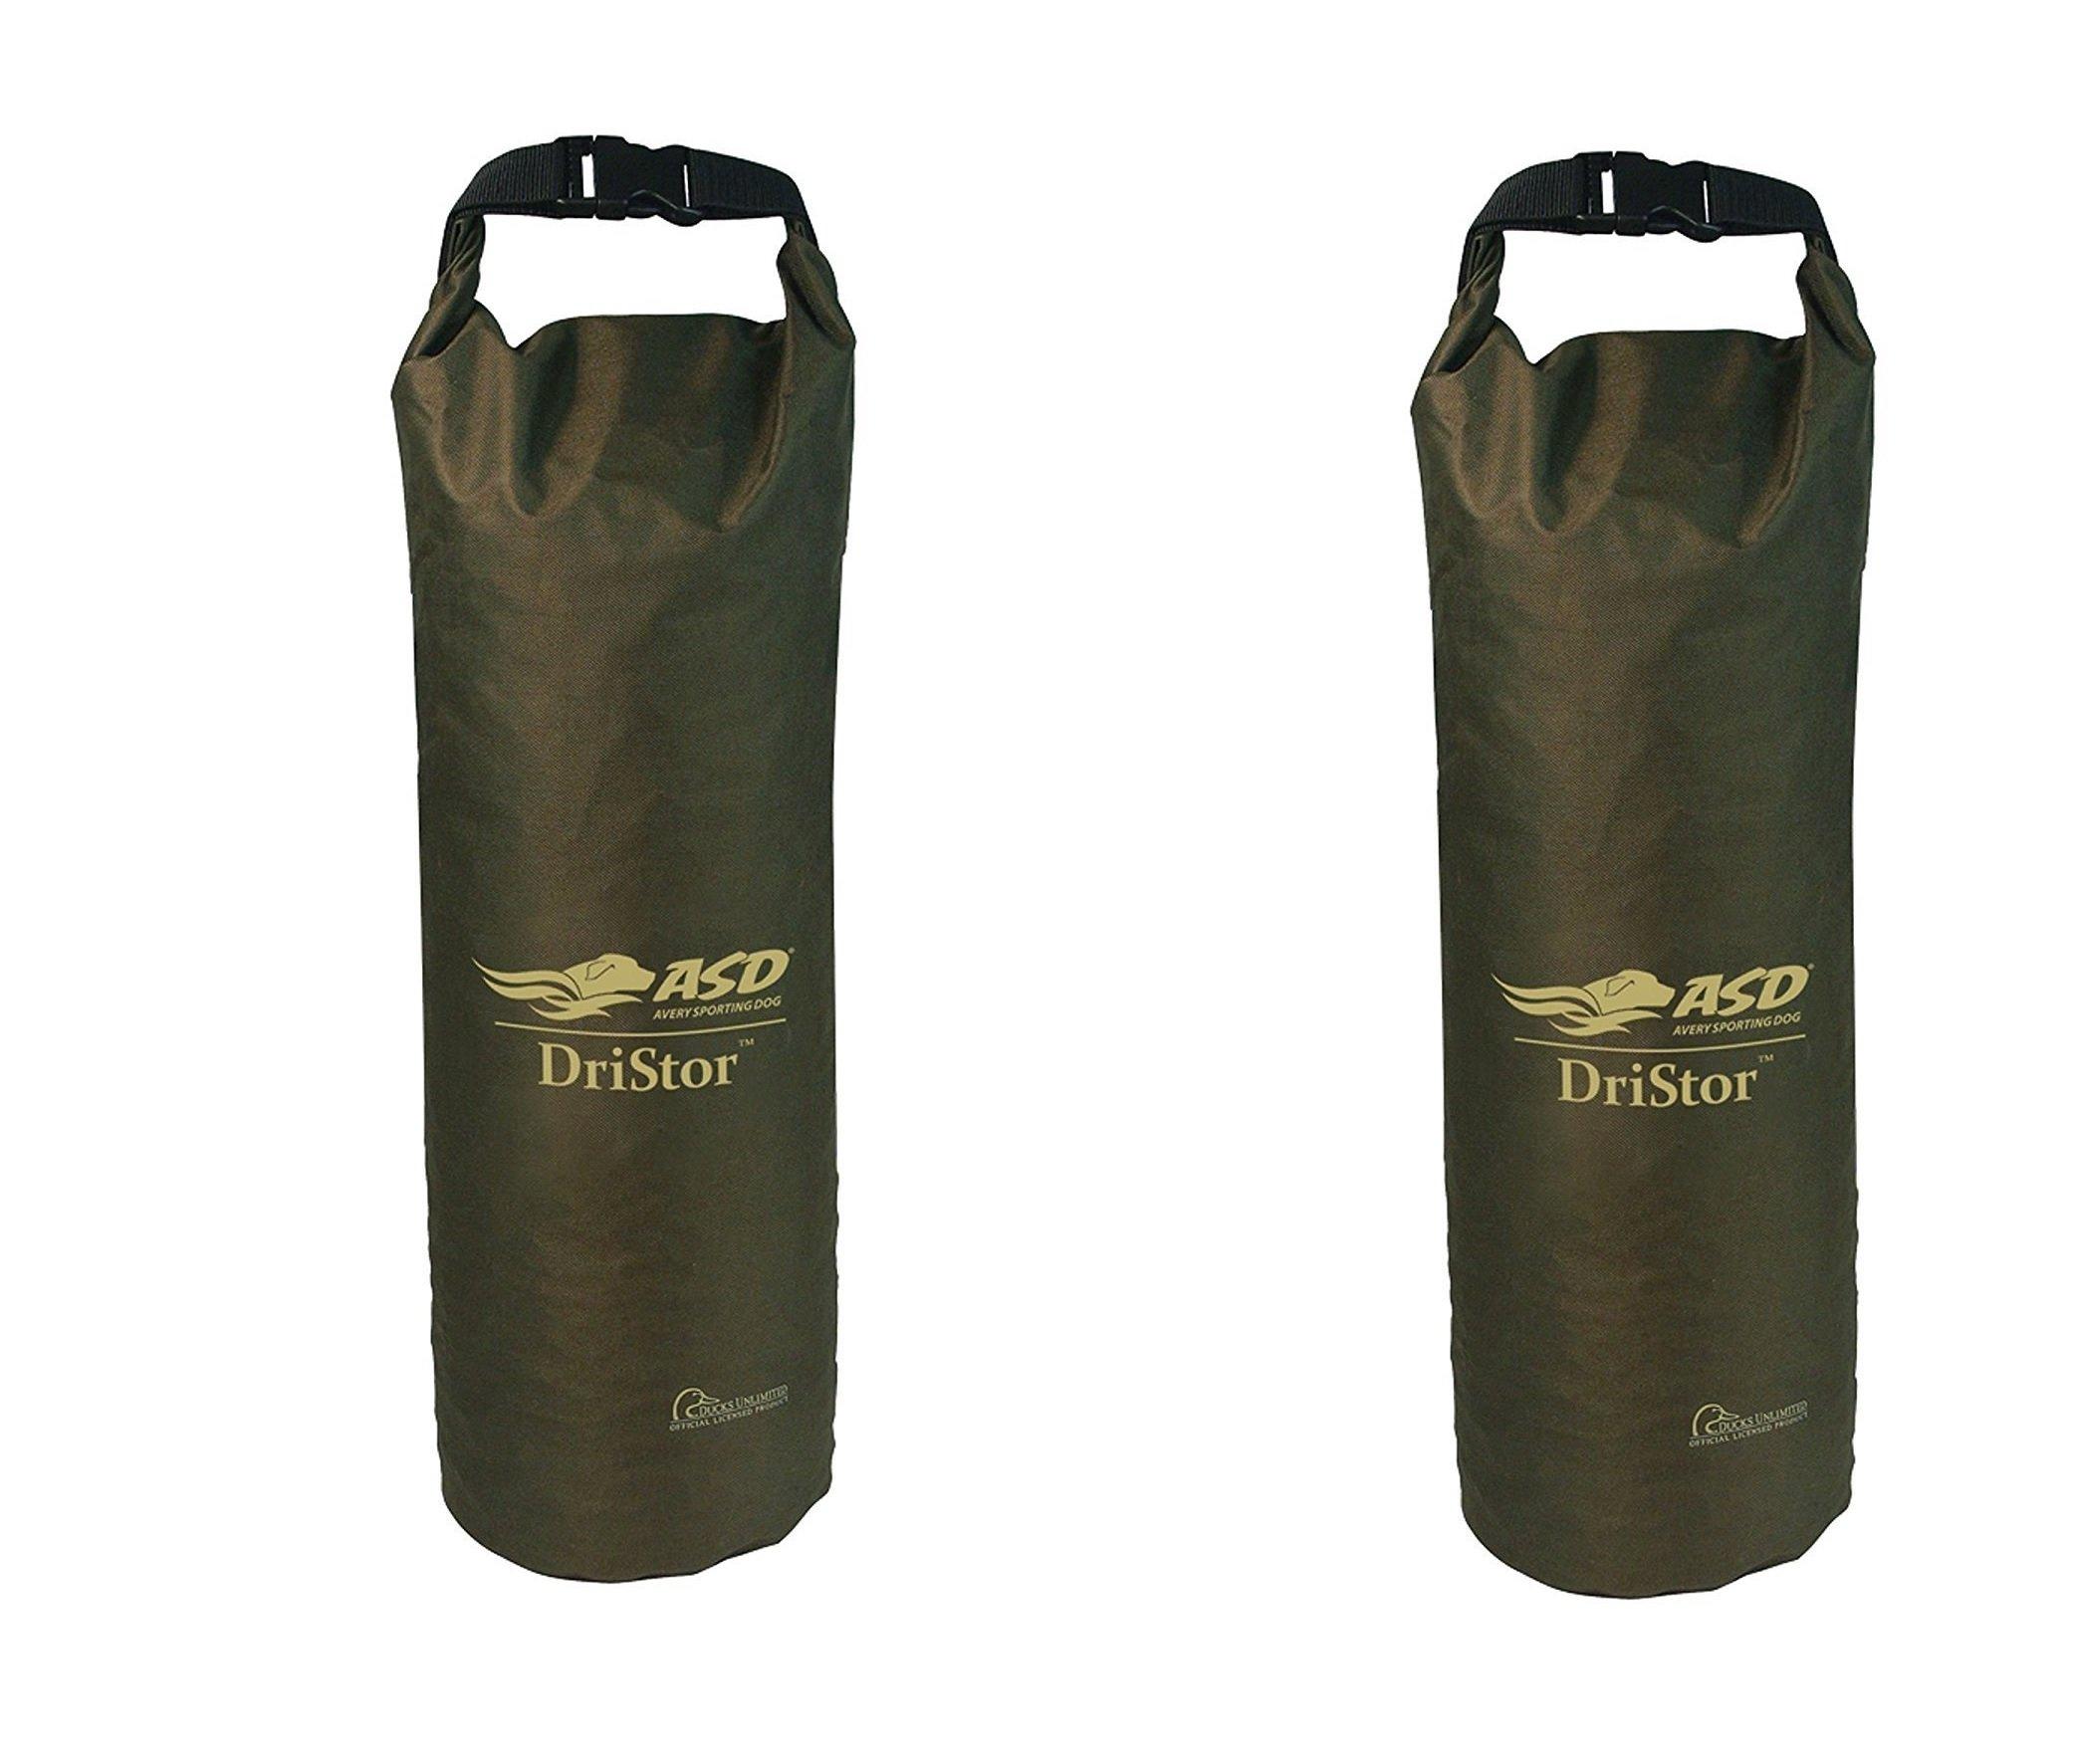 Avery Sporting Dog DriStor Vacationer DuraMax 20lb, 40 lb Dog Food Bag